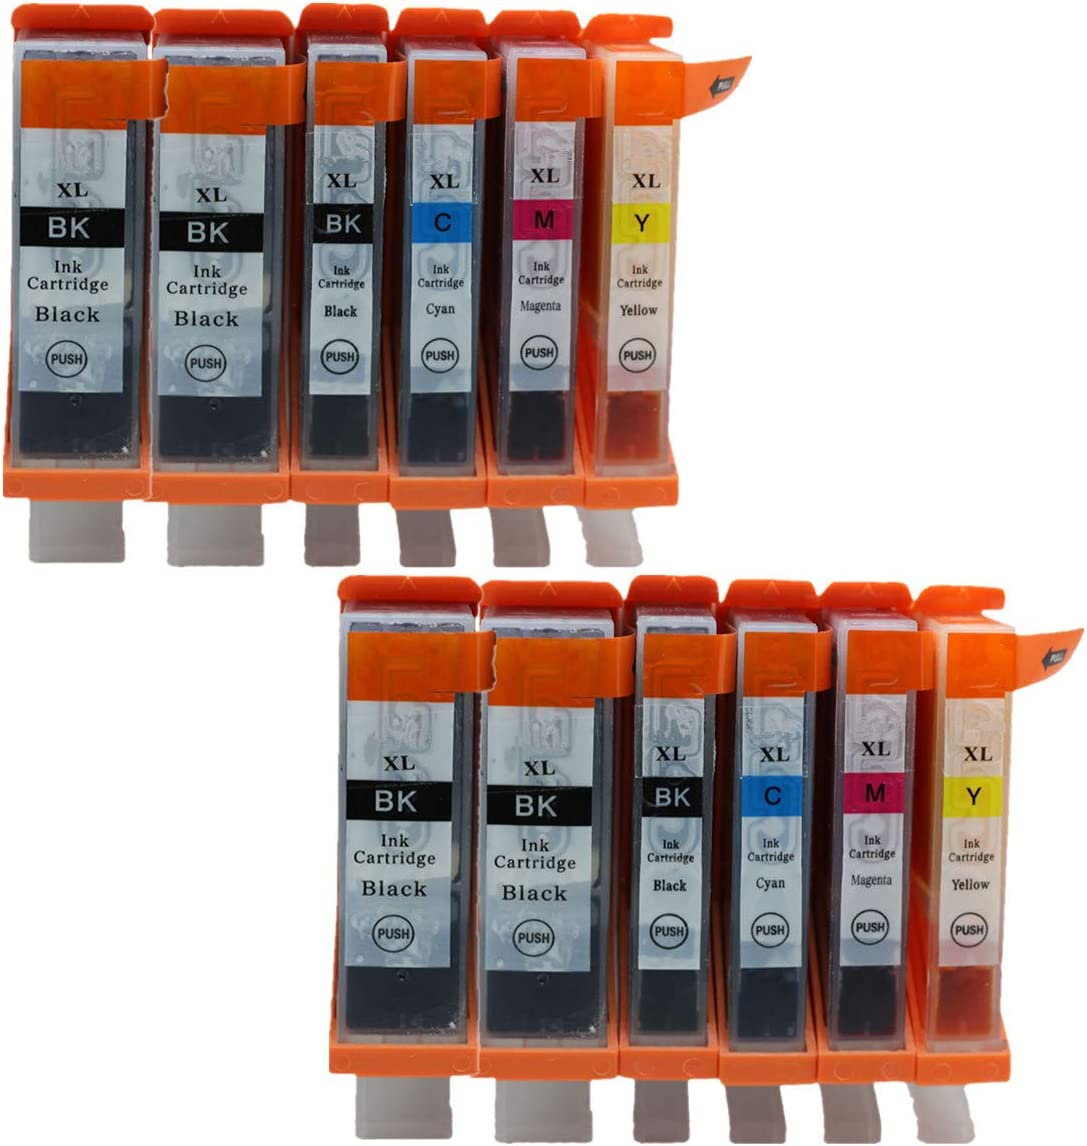 No-name Compatible Ink Cartridge Replacement for Canon PGI-220 CLI-221 PGI-220XL PGI 220 XL PGI220 PGI220XL Pixma MP640 MP640R MP980 MP990 Inkjet Printer 2 Set 5 Color + 2 Black